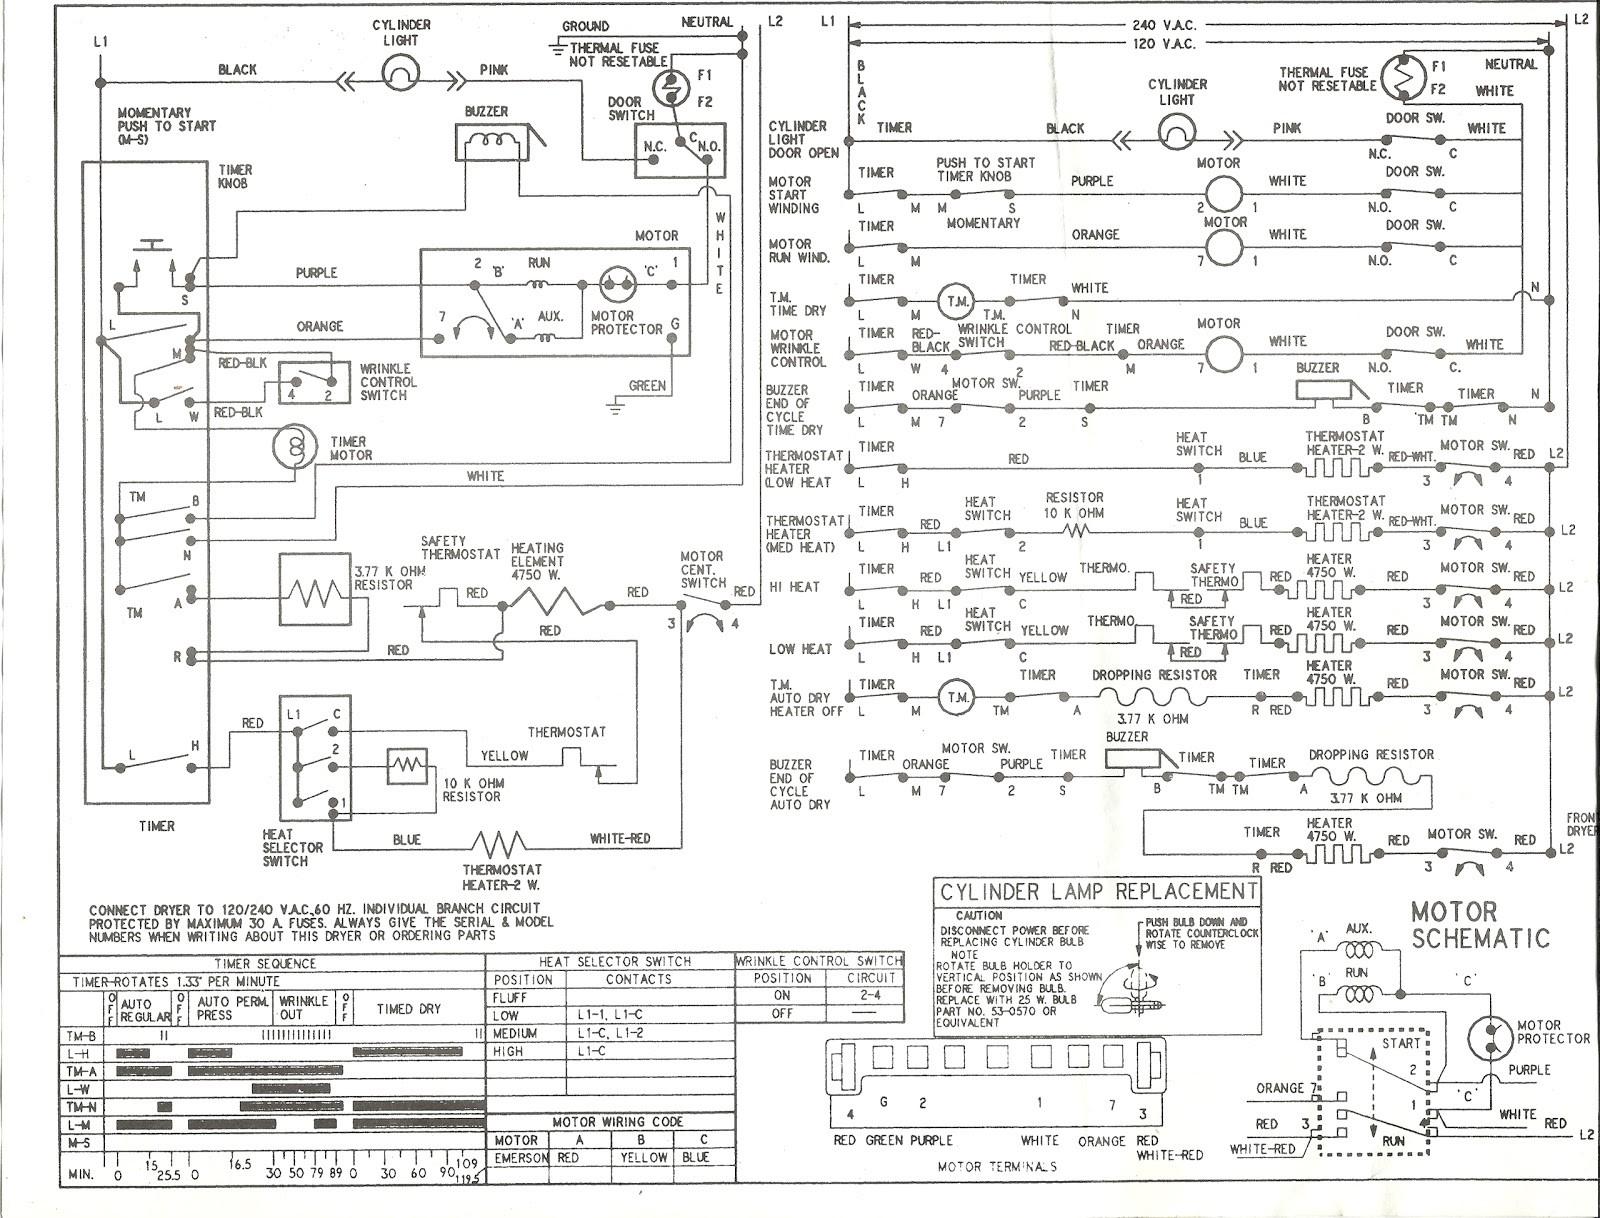 Samsung Dryer Wiring Diagram Appliance Talk August 2015 Of Samsung Dryer Wiring Diagram